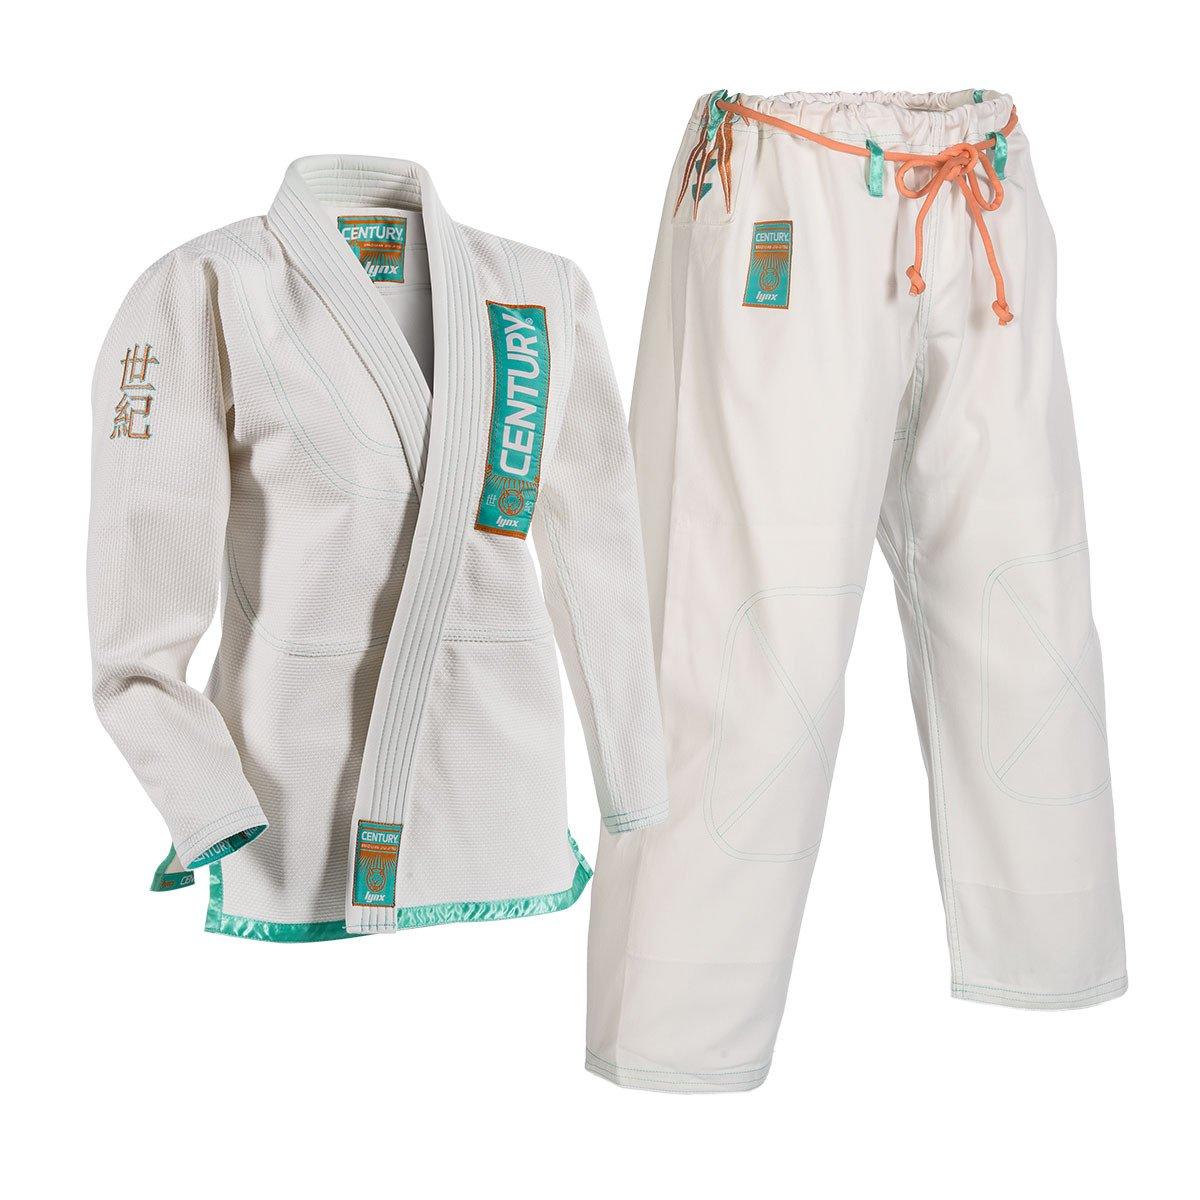 Century® Women's Lynx Gi Brazilian Jiu-Jitsu Uniform